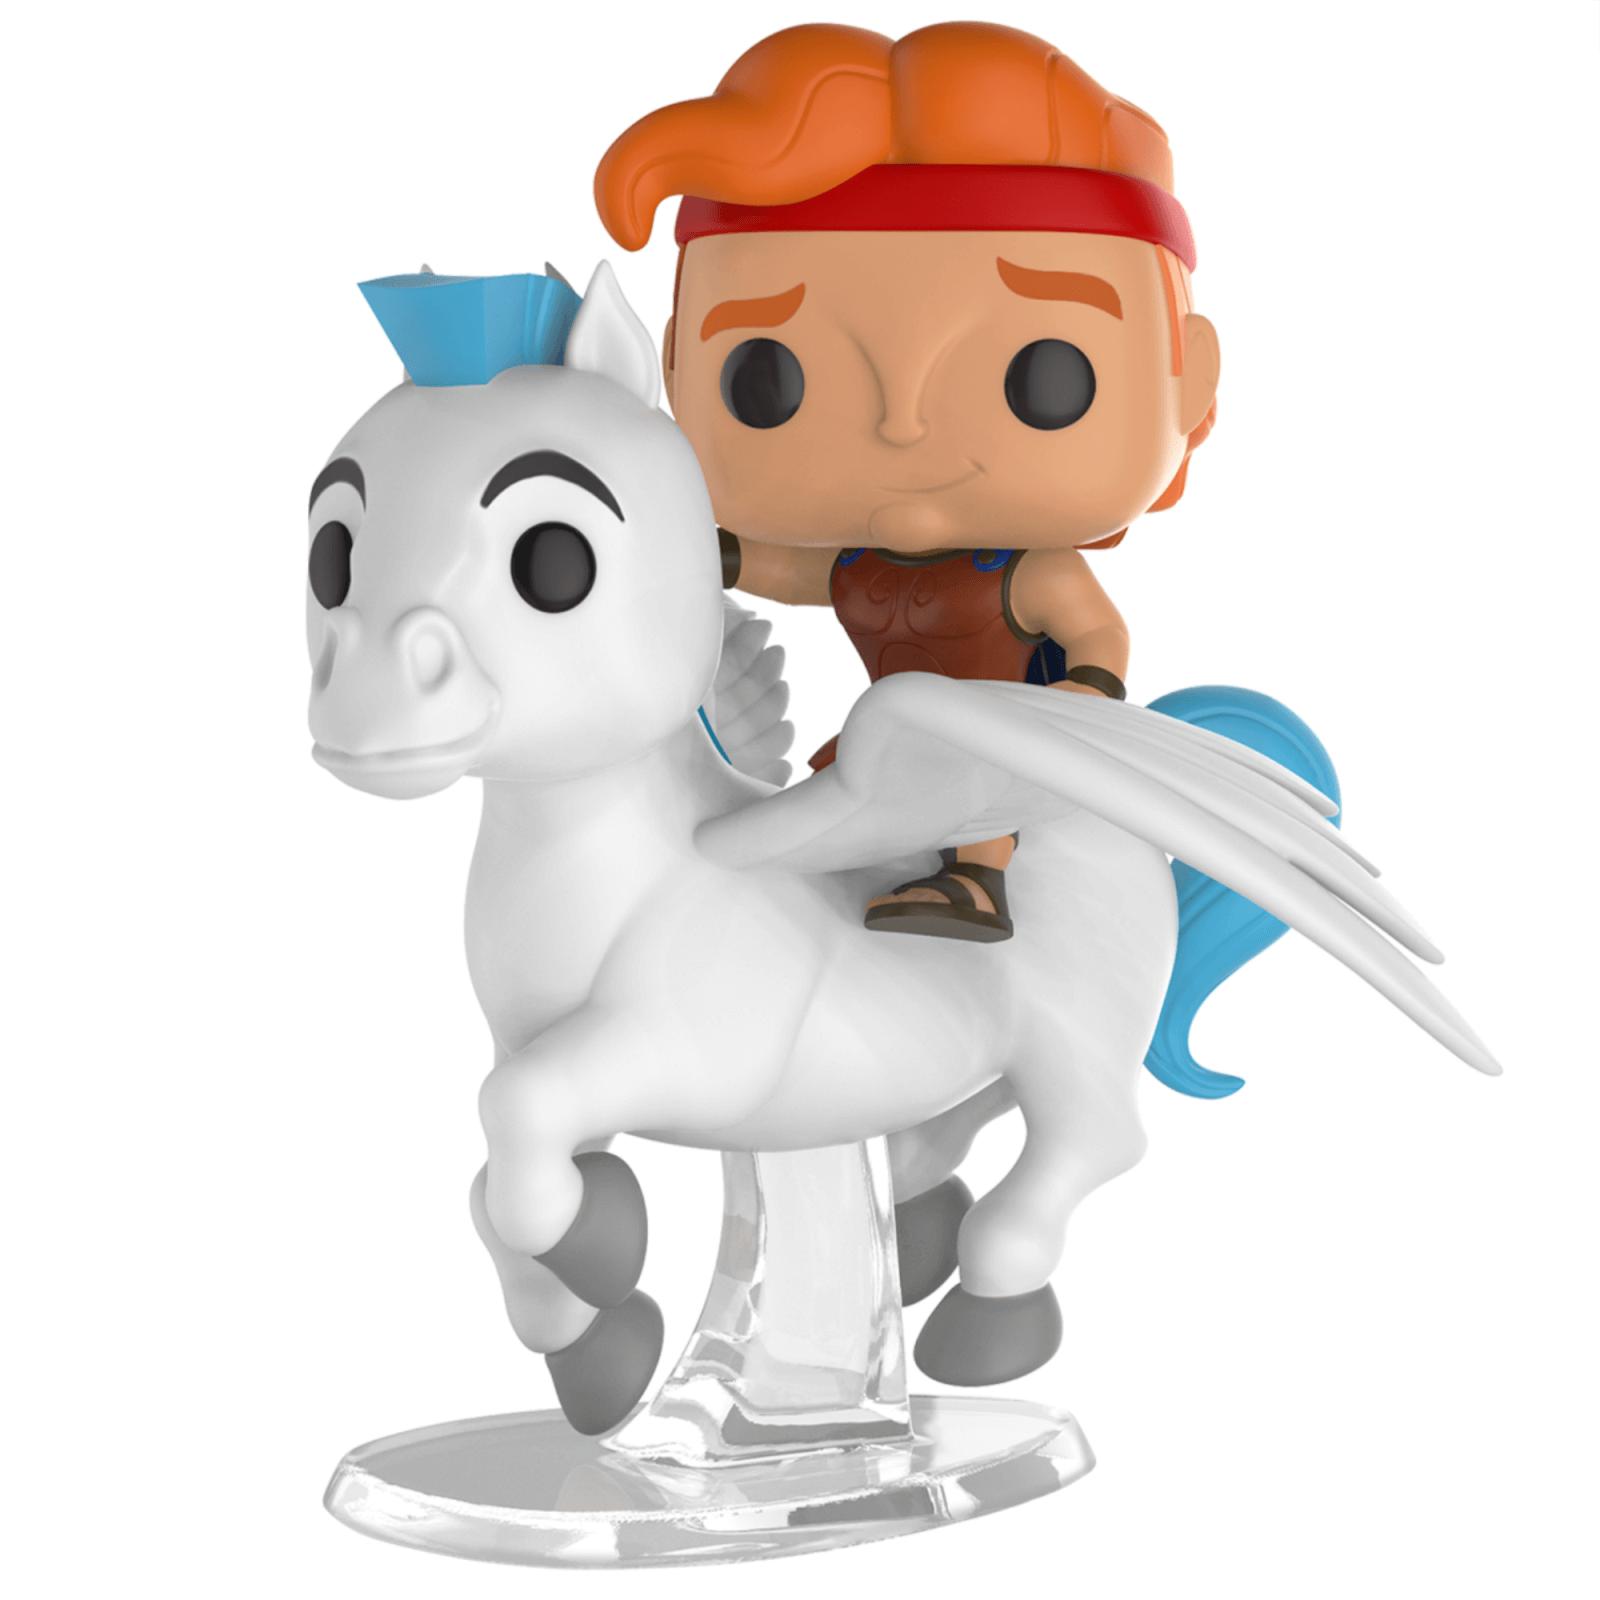 Funko Pop! Rides Disney: Hercules - Hercules & Pegasus Vinyl Figure